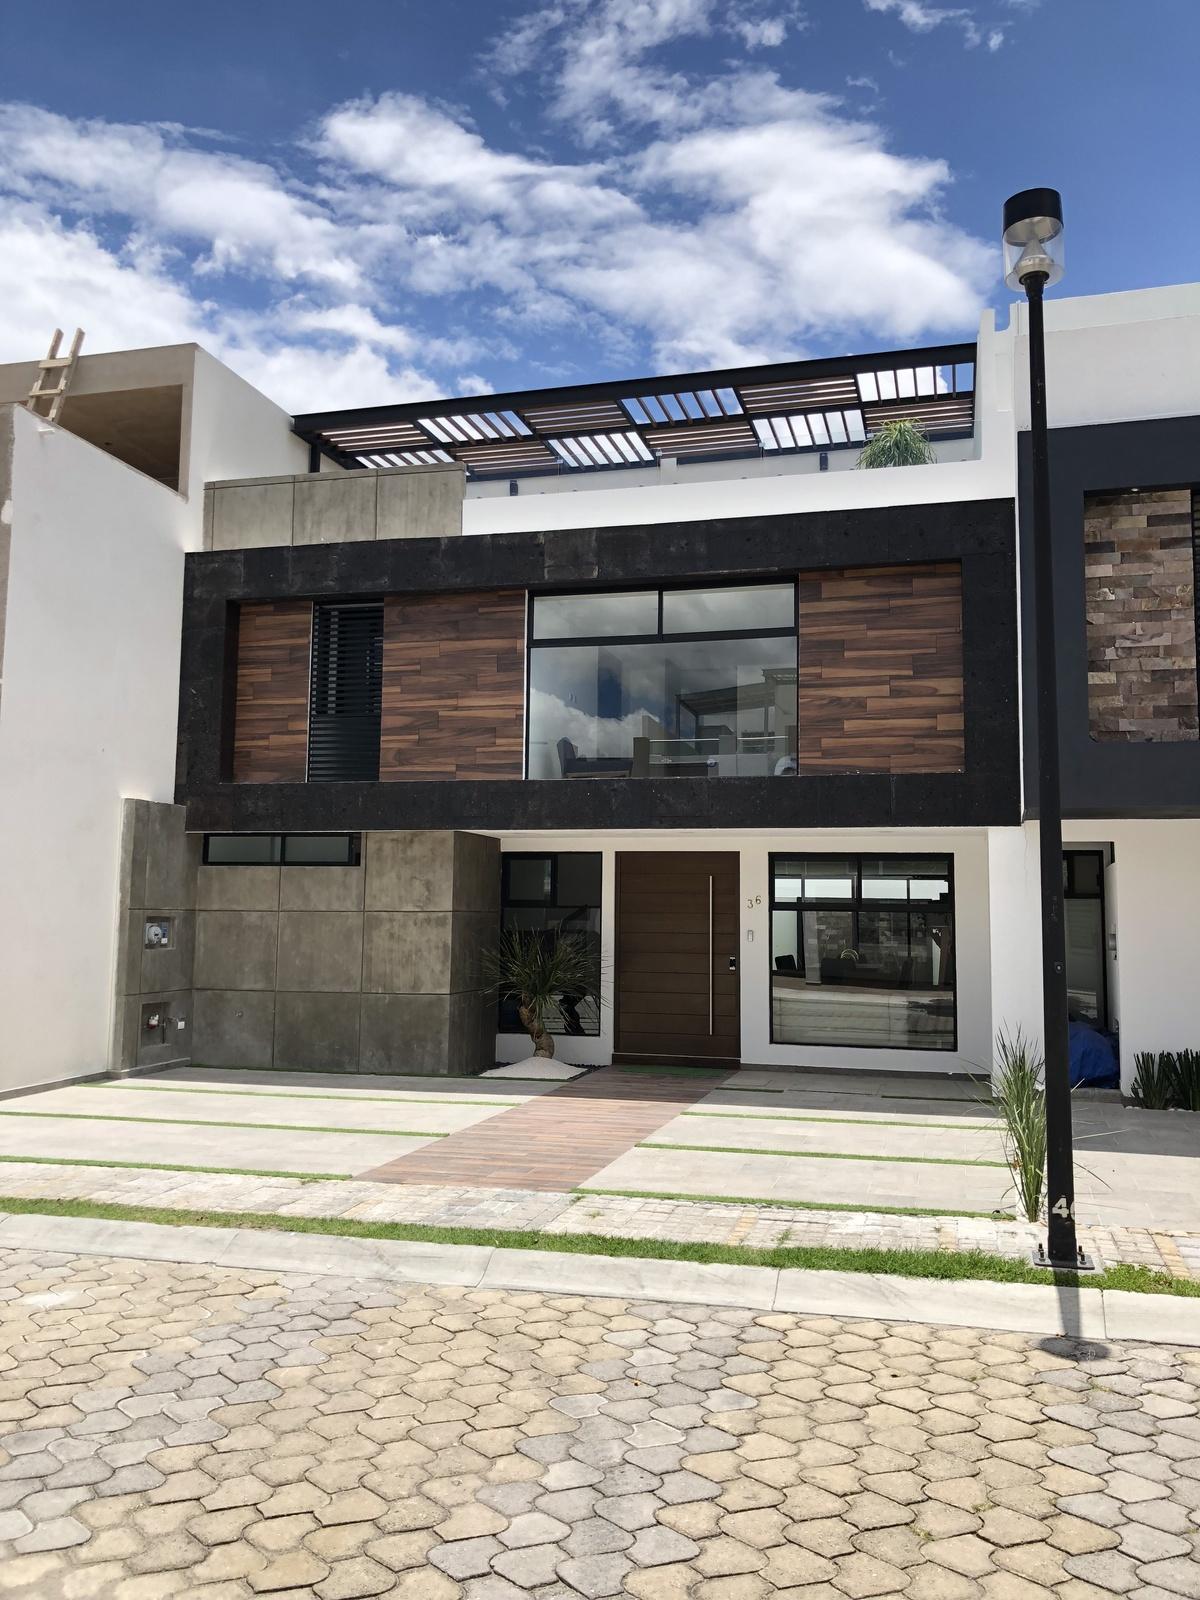 Venta casa 4 recamaras estudio roof garden Parque Zacatecas Lomas de Angelopolis